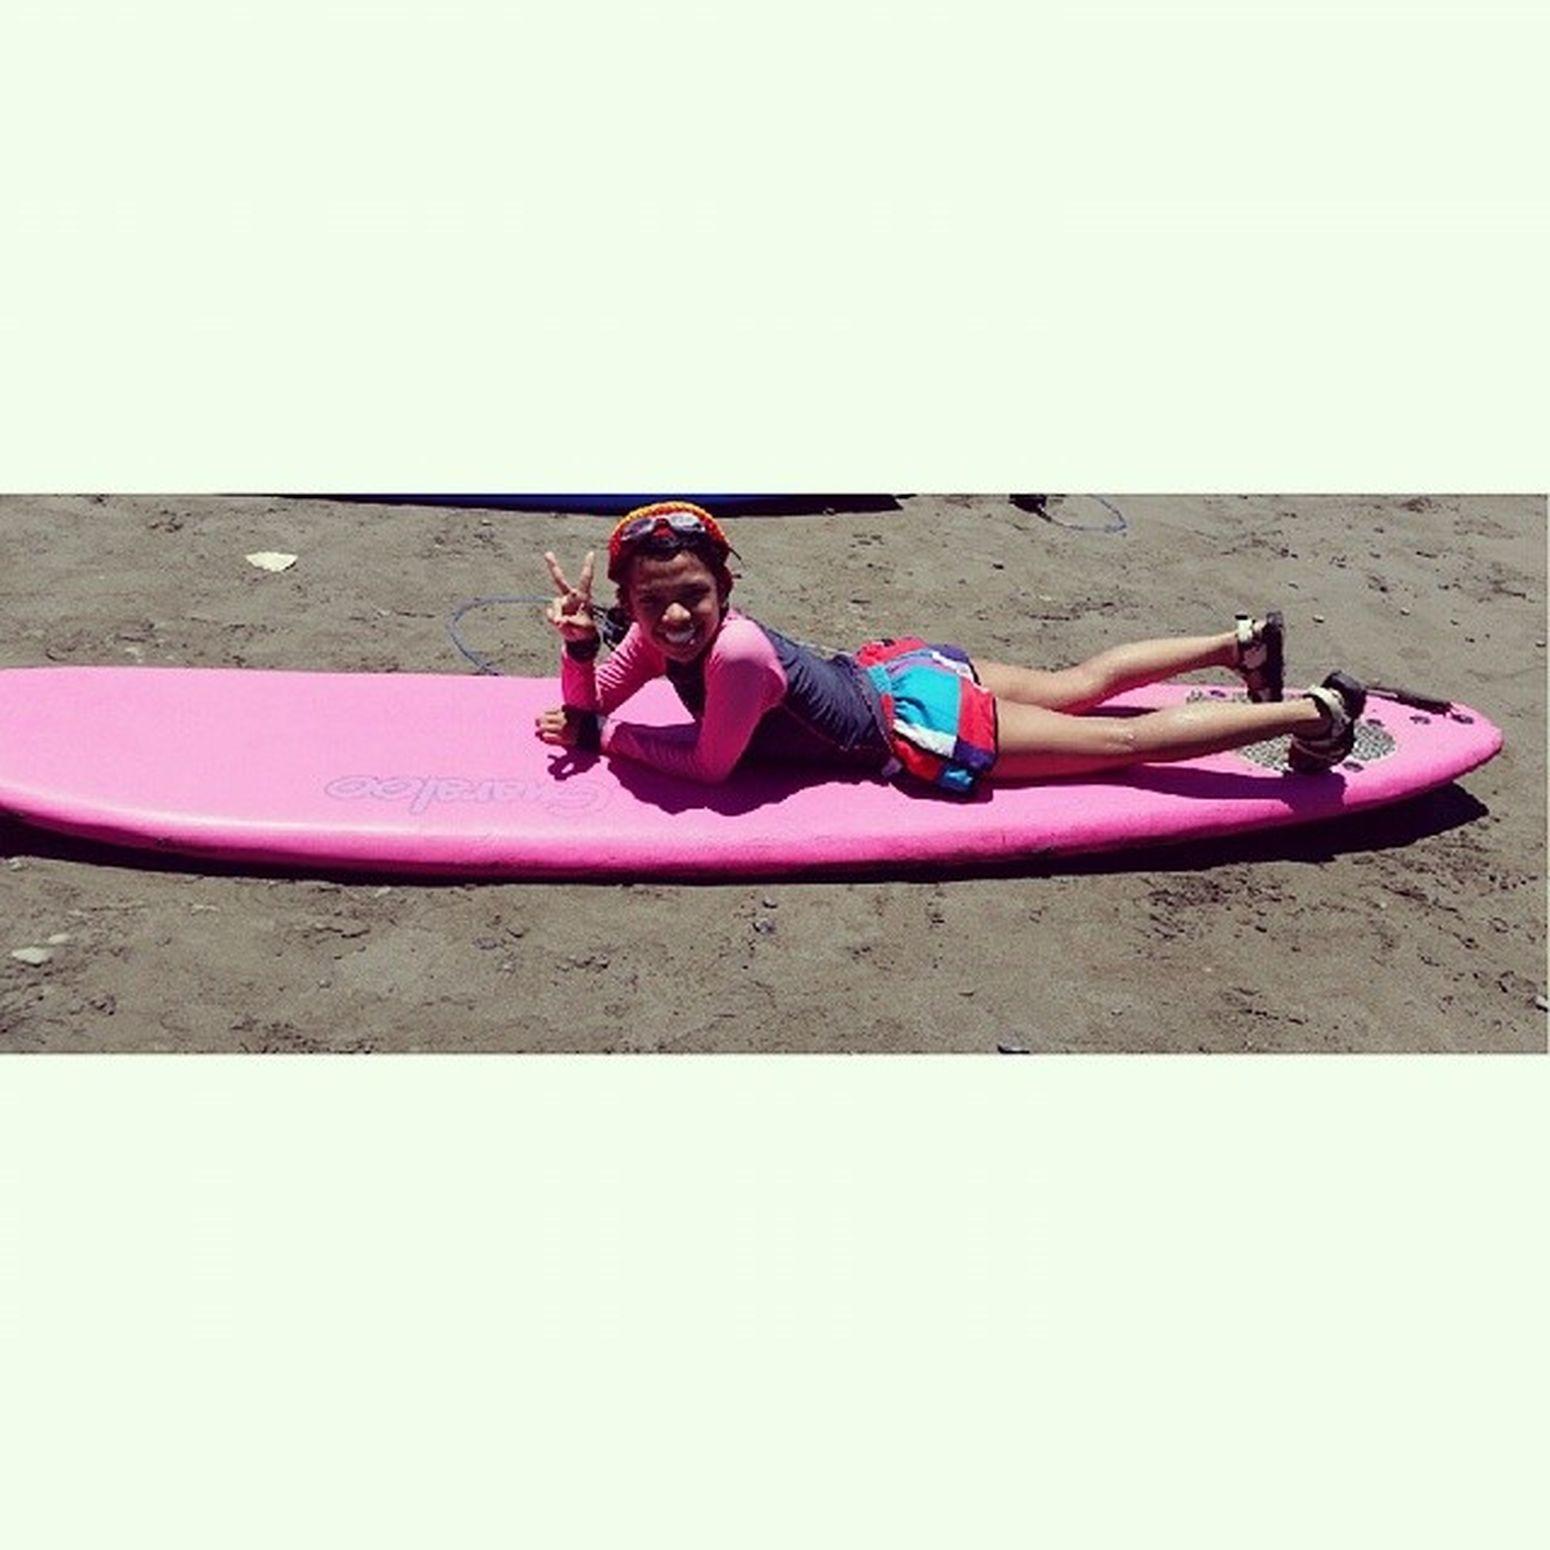 InternationalSurfingDay PangarapnaSurfboard Pink 💛💙💜💚🌊🌊🏄🏄🏄 nakakamiss!! 😄😊😃☺